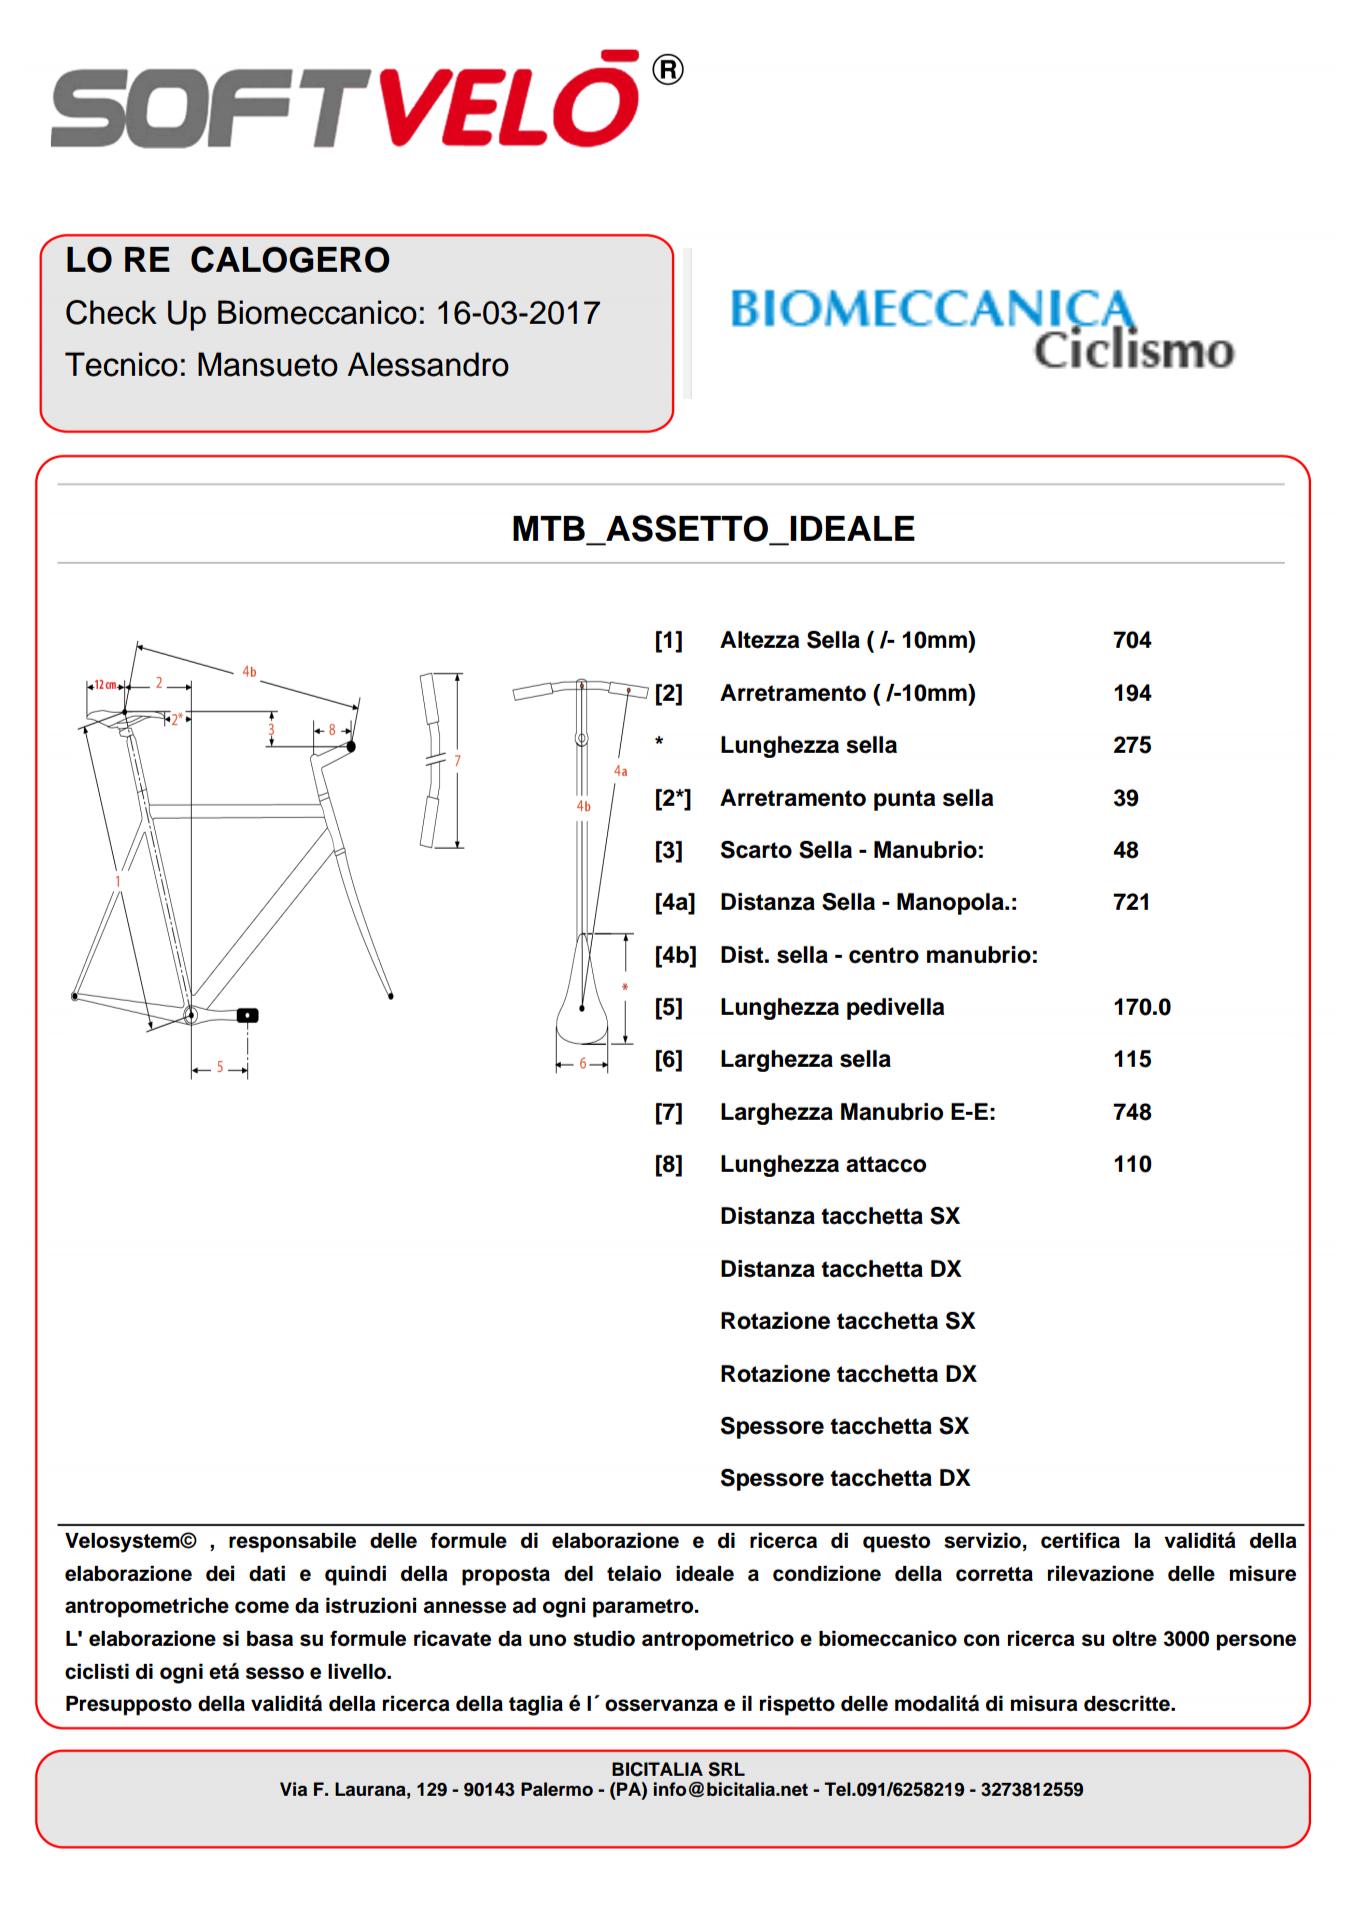 Valutazione biomeccanica biker Calogero Lo Re